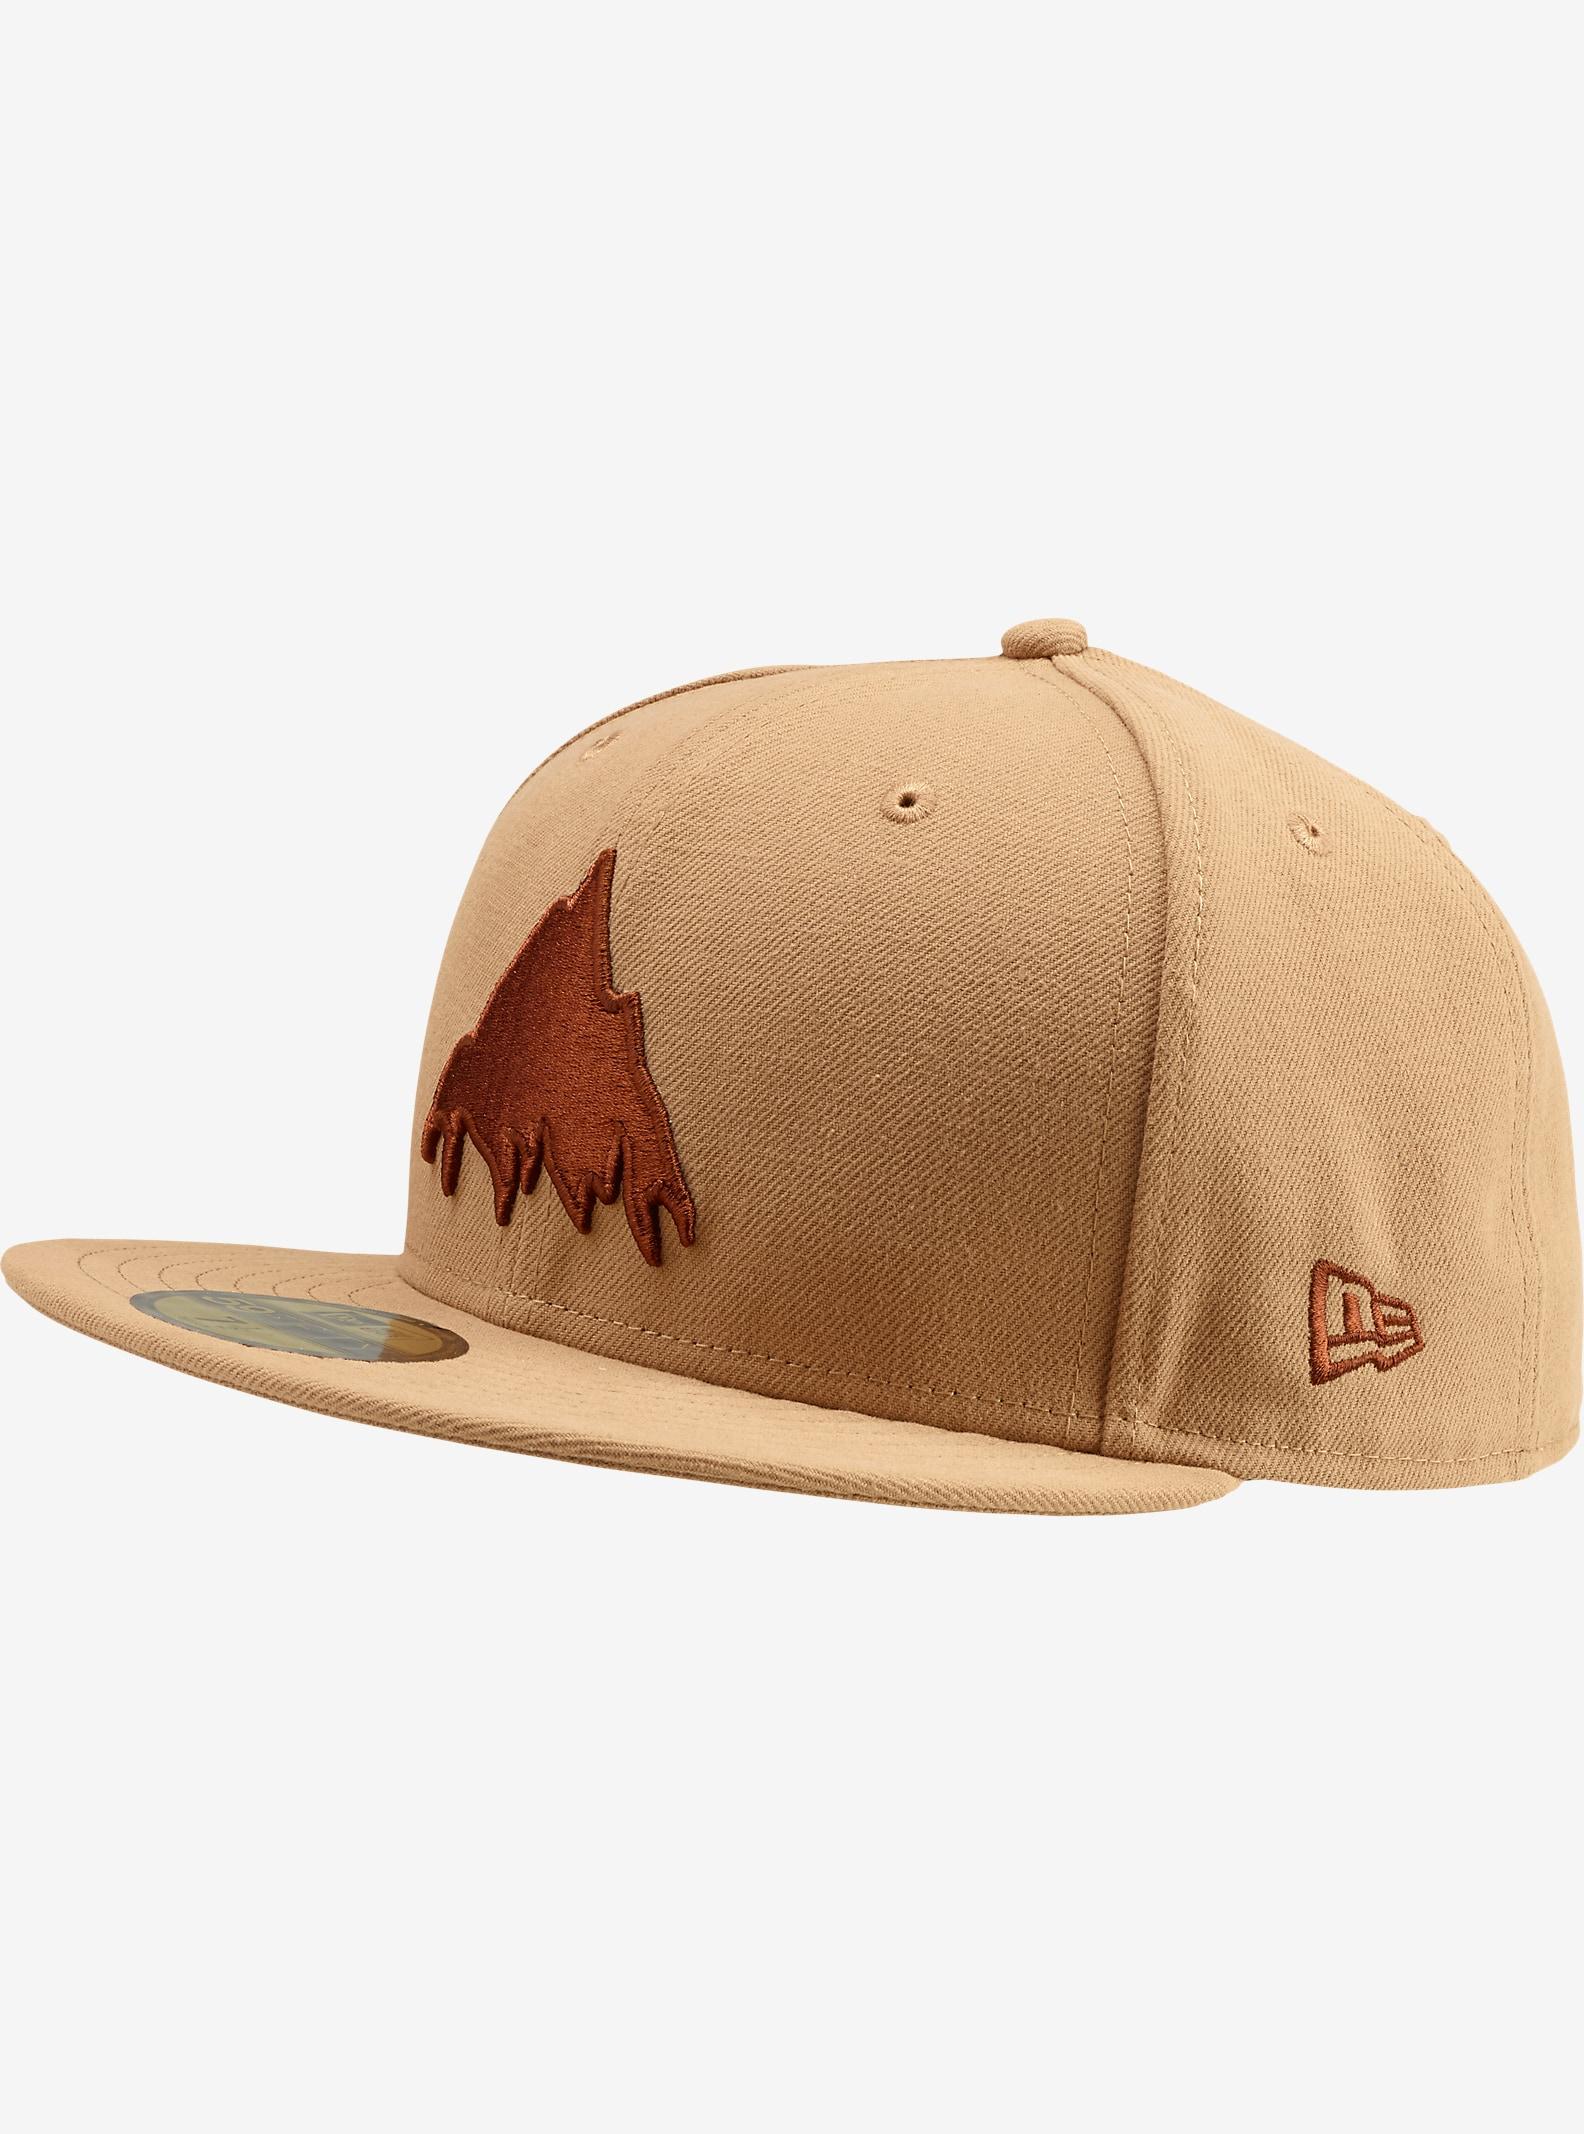 Burton You Owe New Era Hat shown in Kelp